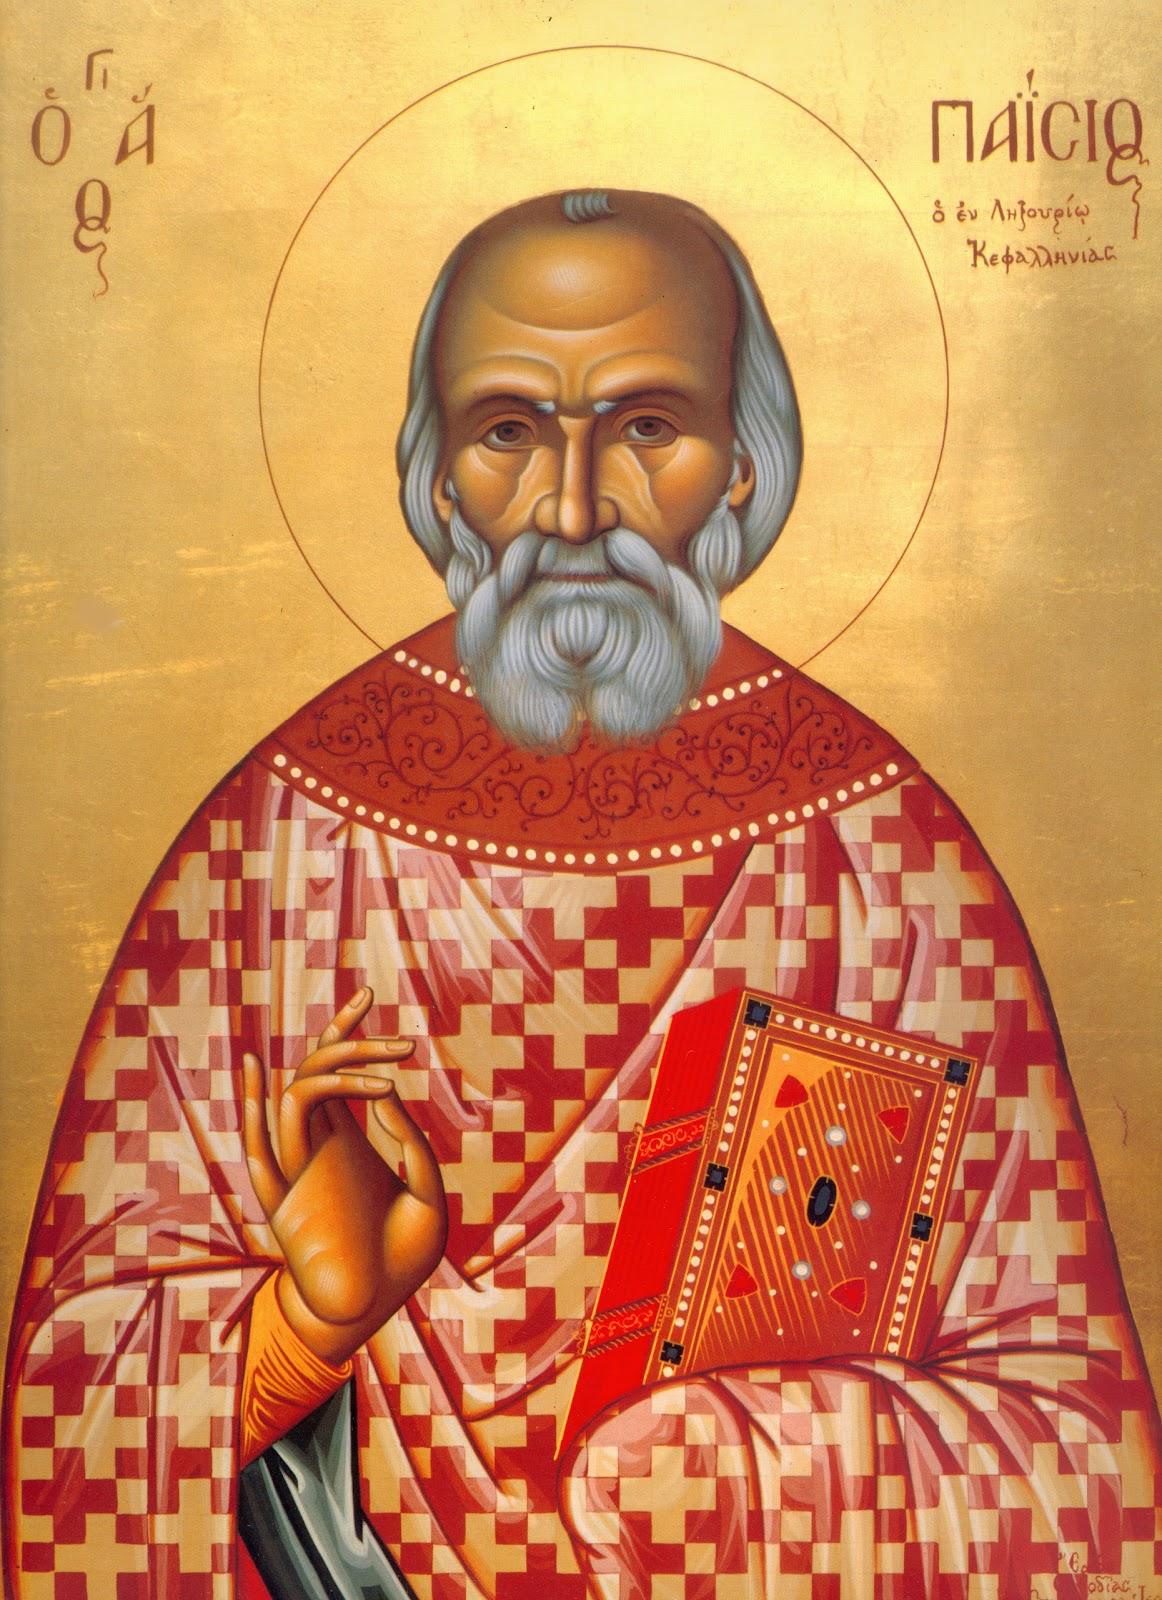 Heiliger Panagis (Paisios) Basias von Kephalonia